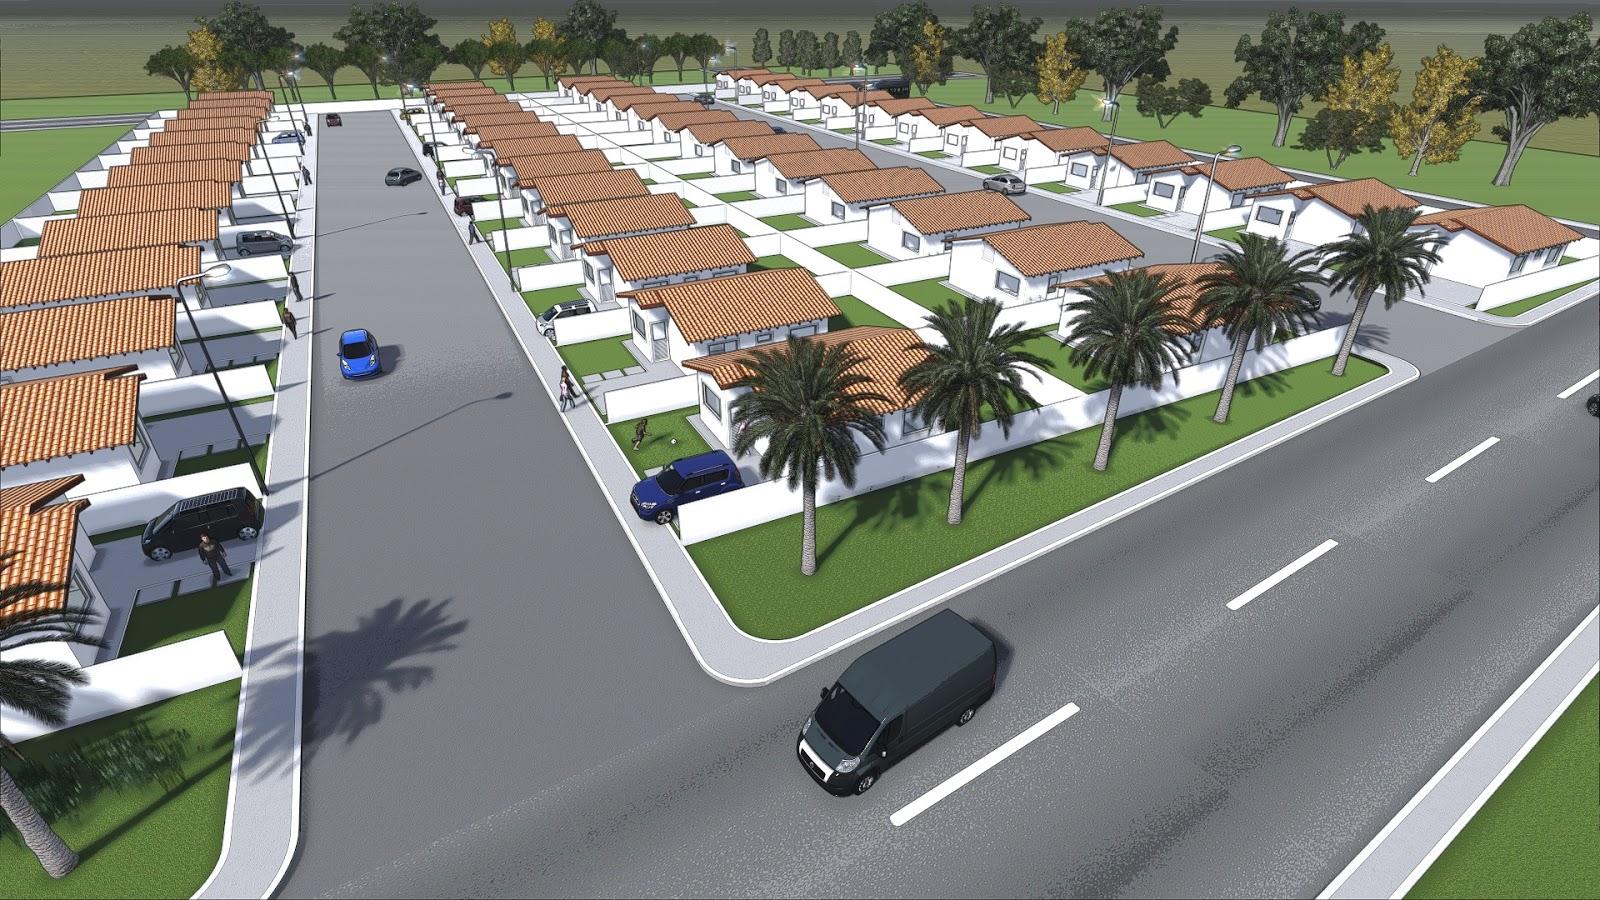 modelo projeto de Valparaíso de goias condomínio agenval #8A5E41 1600 900